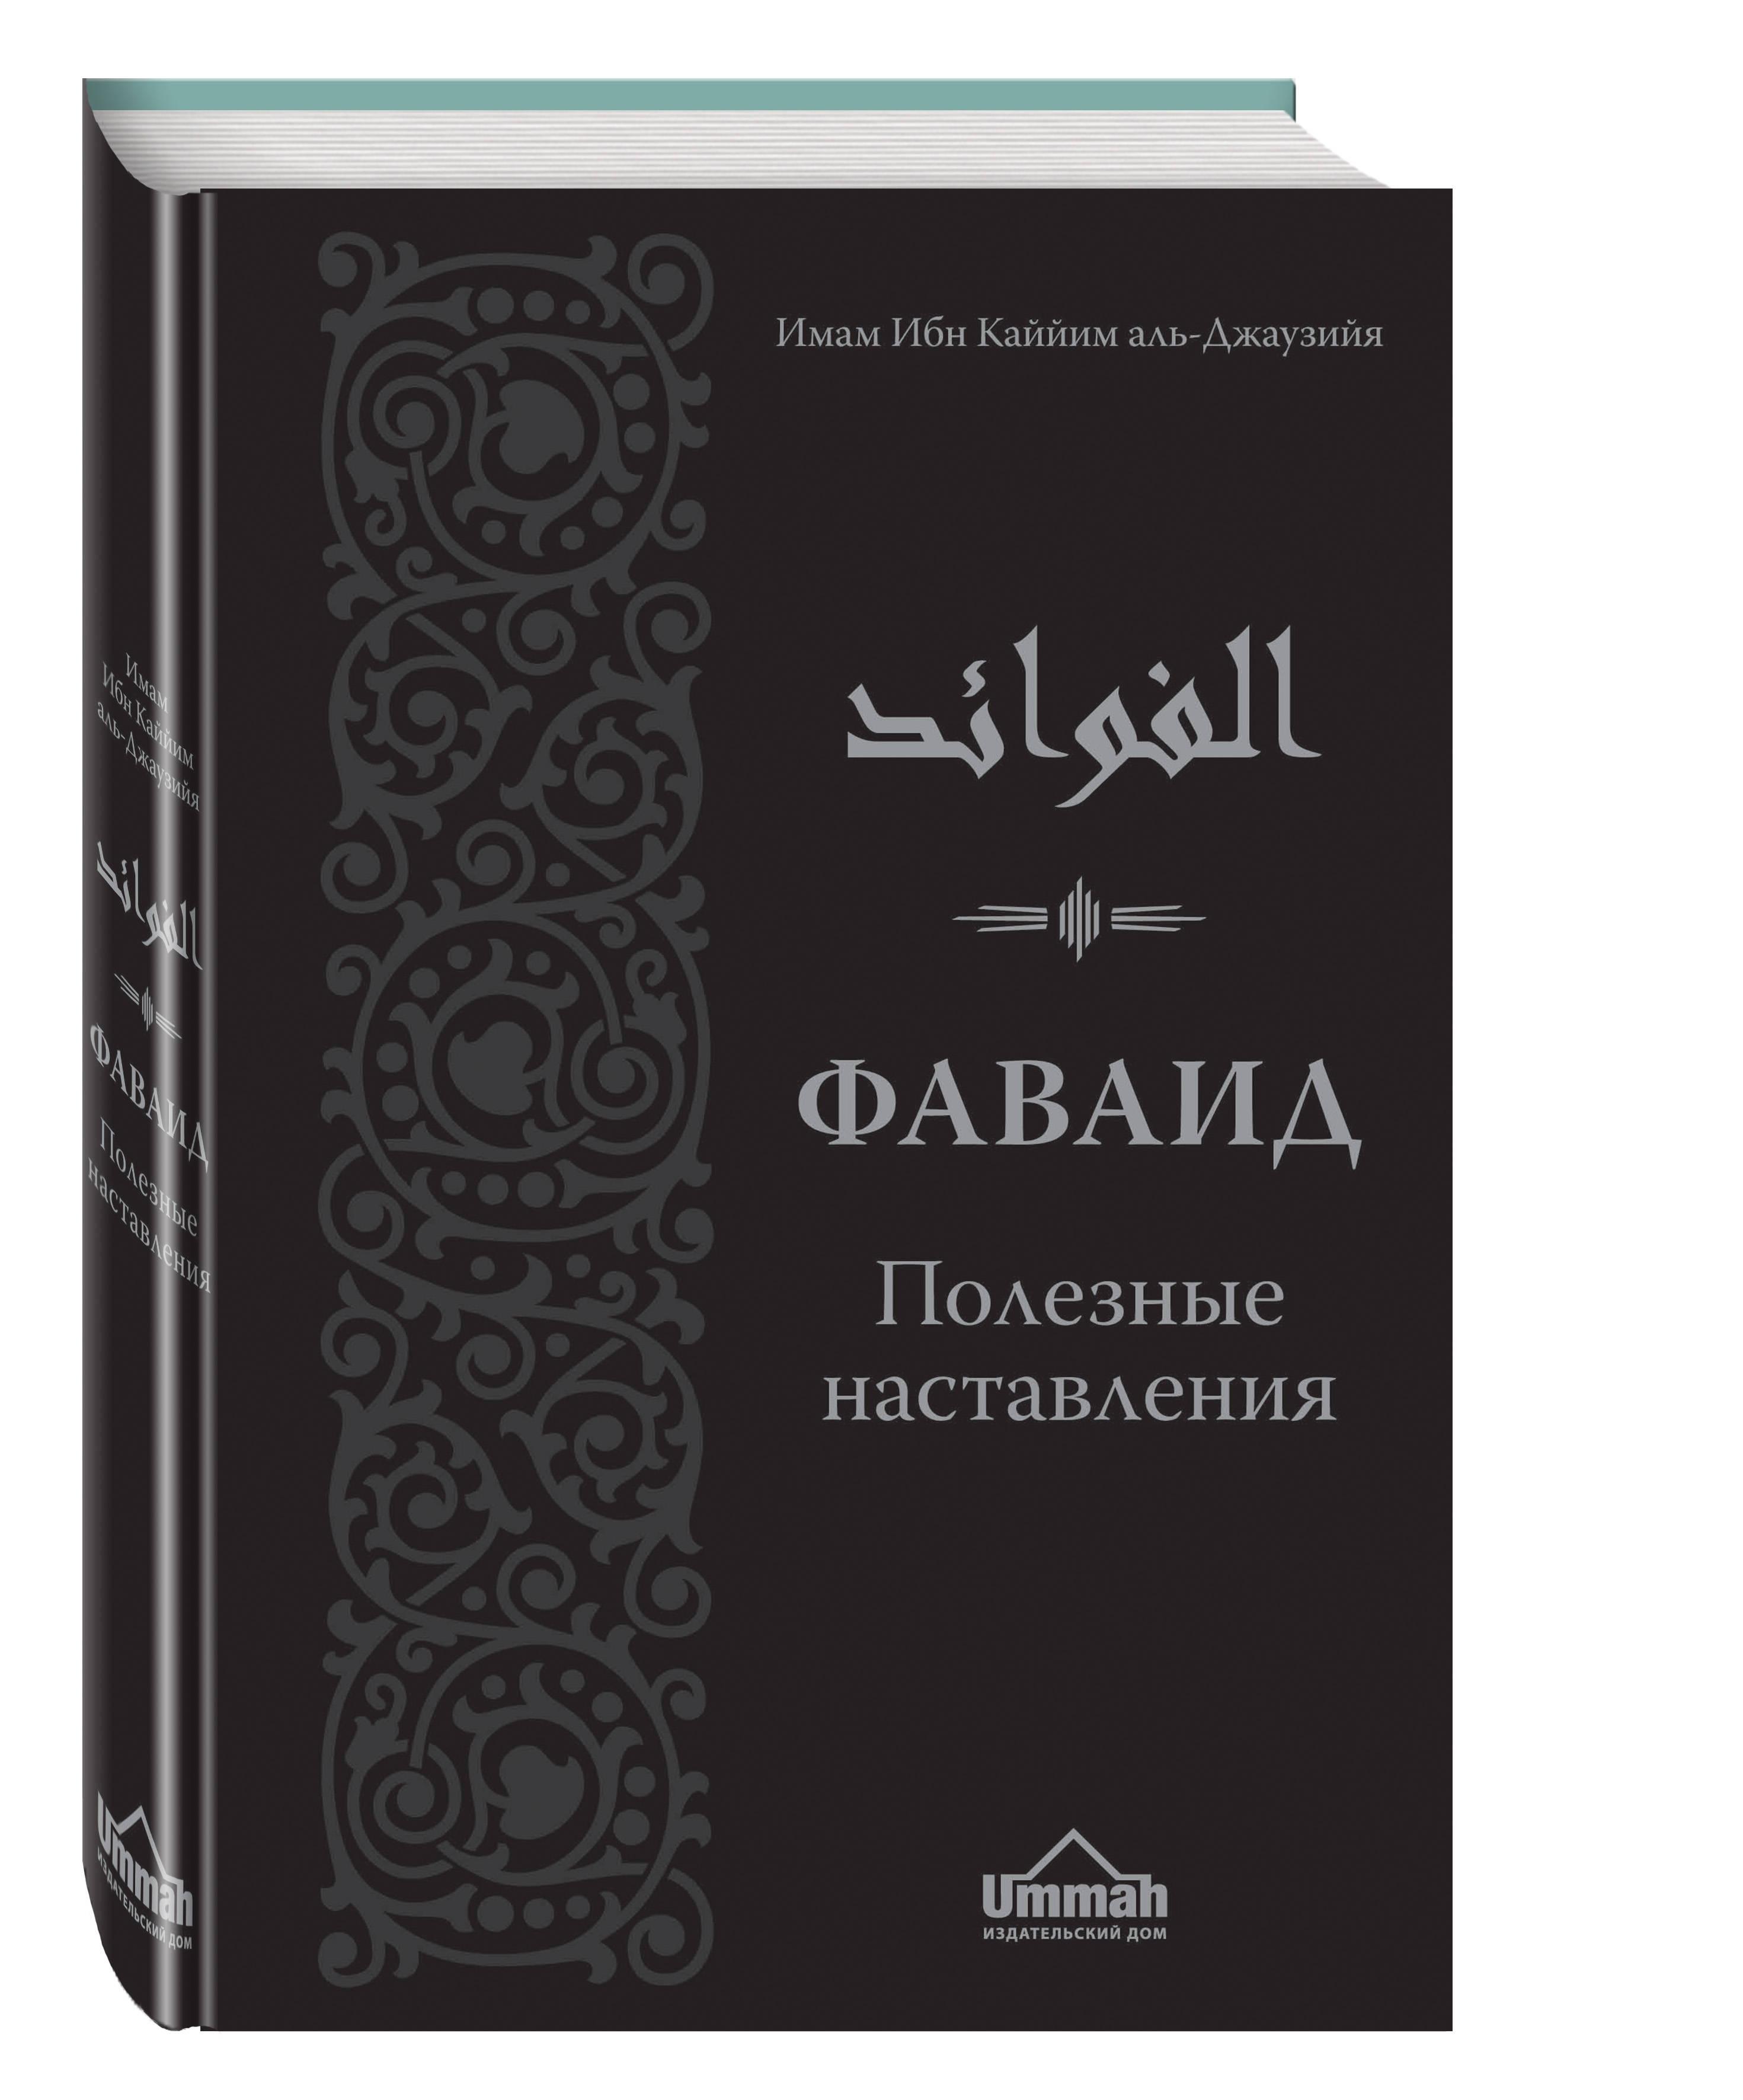 аль-Джаузийя Ибн Каййим Фаваид. Полезные наставления эксмо фаваид полезные наставления